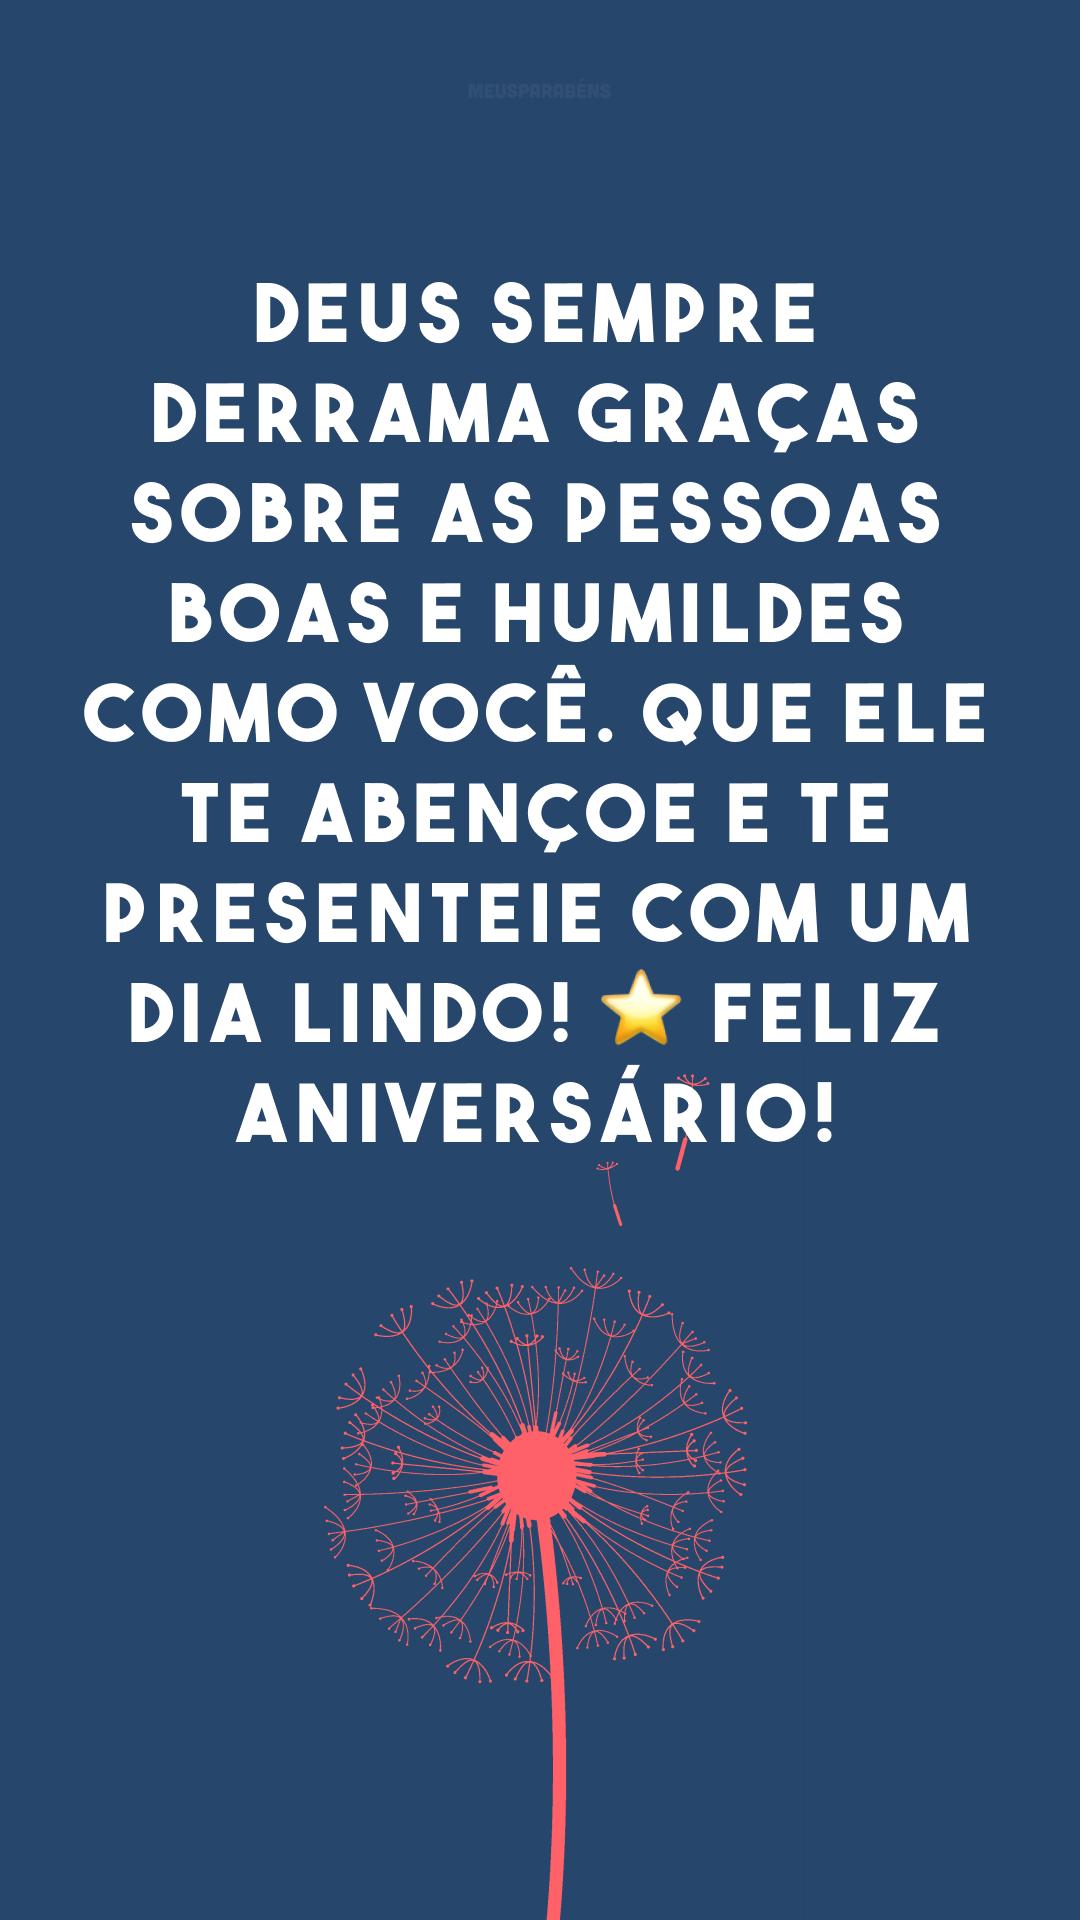 Deus sempre derrama graças sobre as pessoas boas e humildes como você. Que Ele te abençoe e te presenteie com um dia lindo! ⭐ Feliz aniversário!